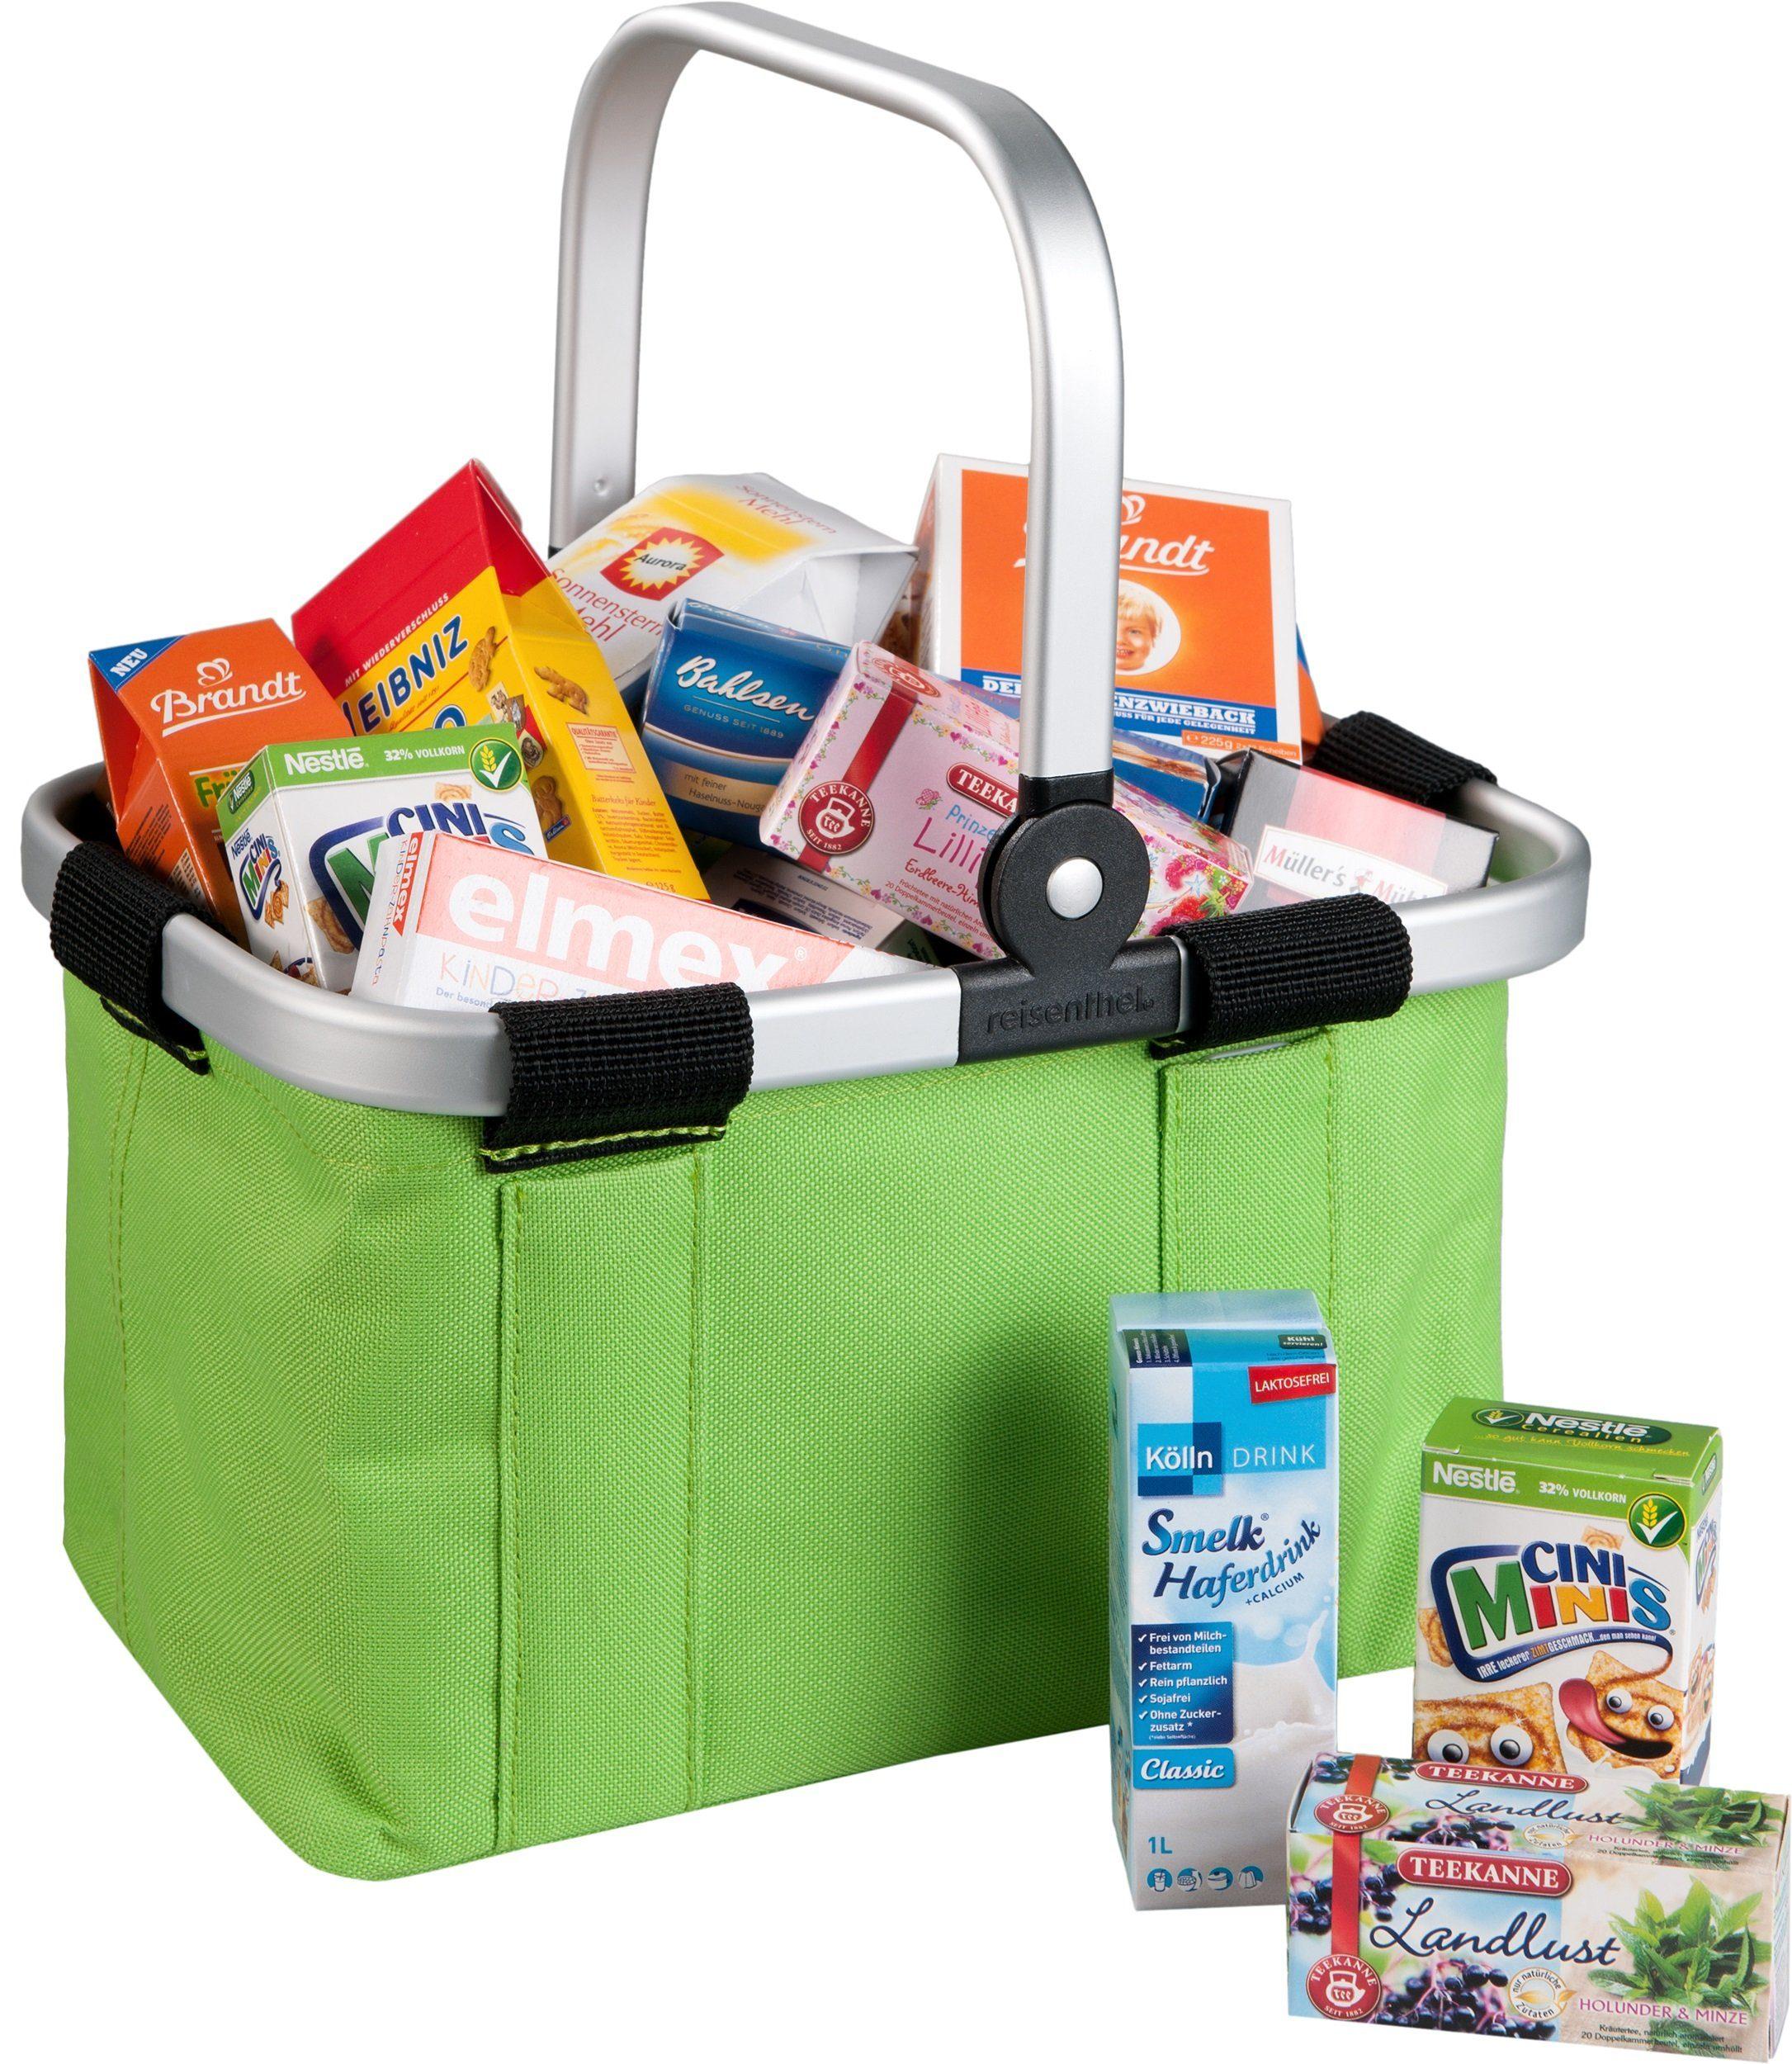 Tanner Einkaufskorb mit Kaufladensortiment, »Reisenthel Carry Bag, grün«